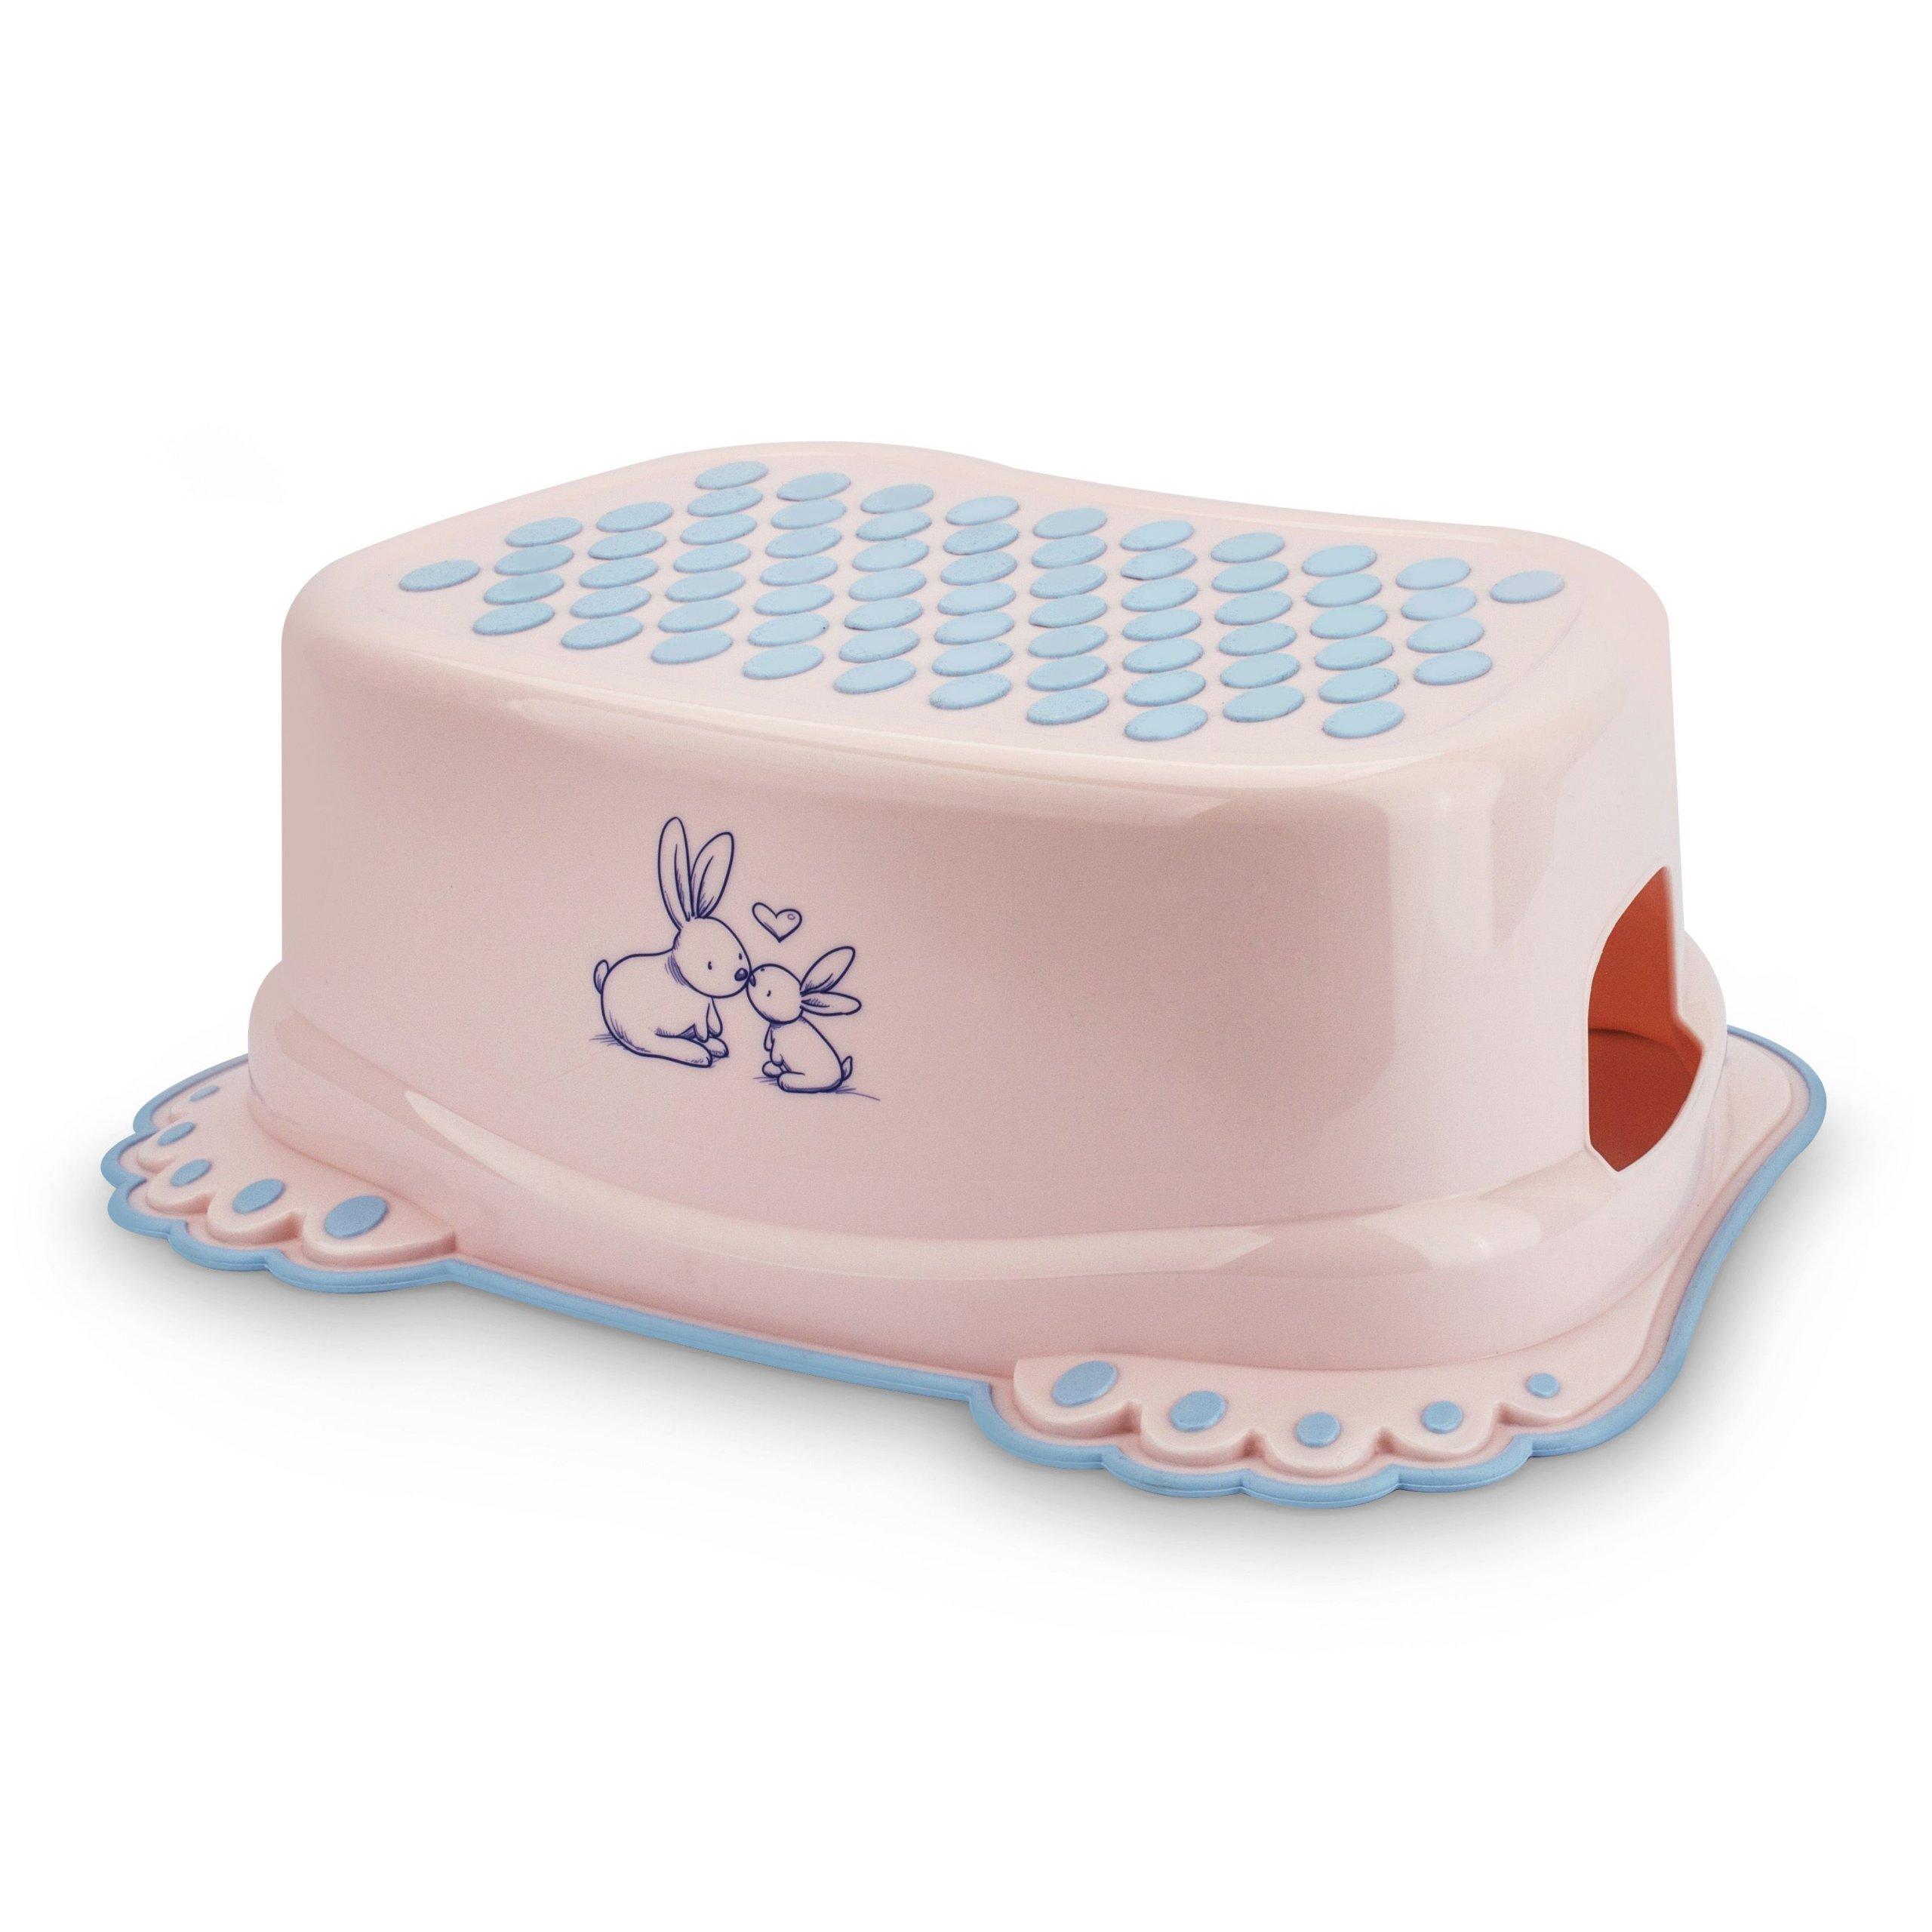 Podest Dla Dzieci Do Kuchni łazienki Plastikowy 7300879995